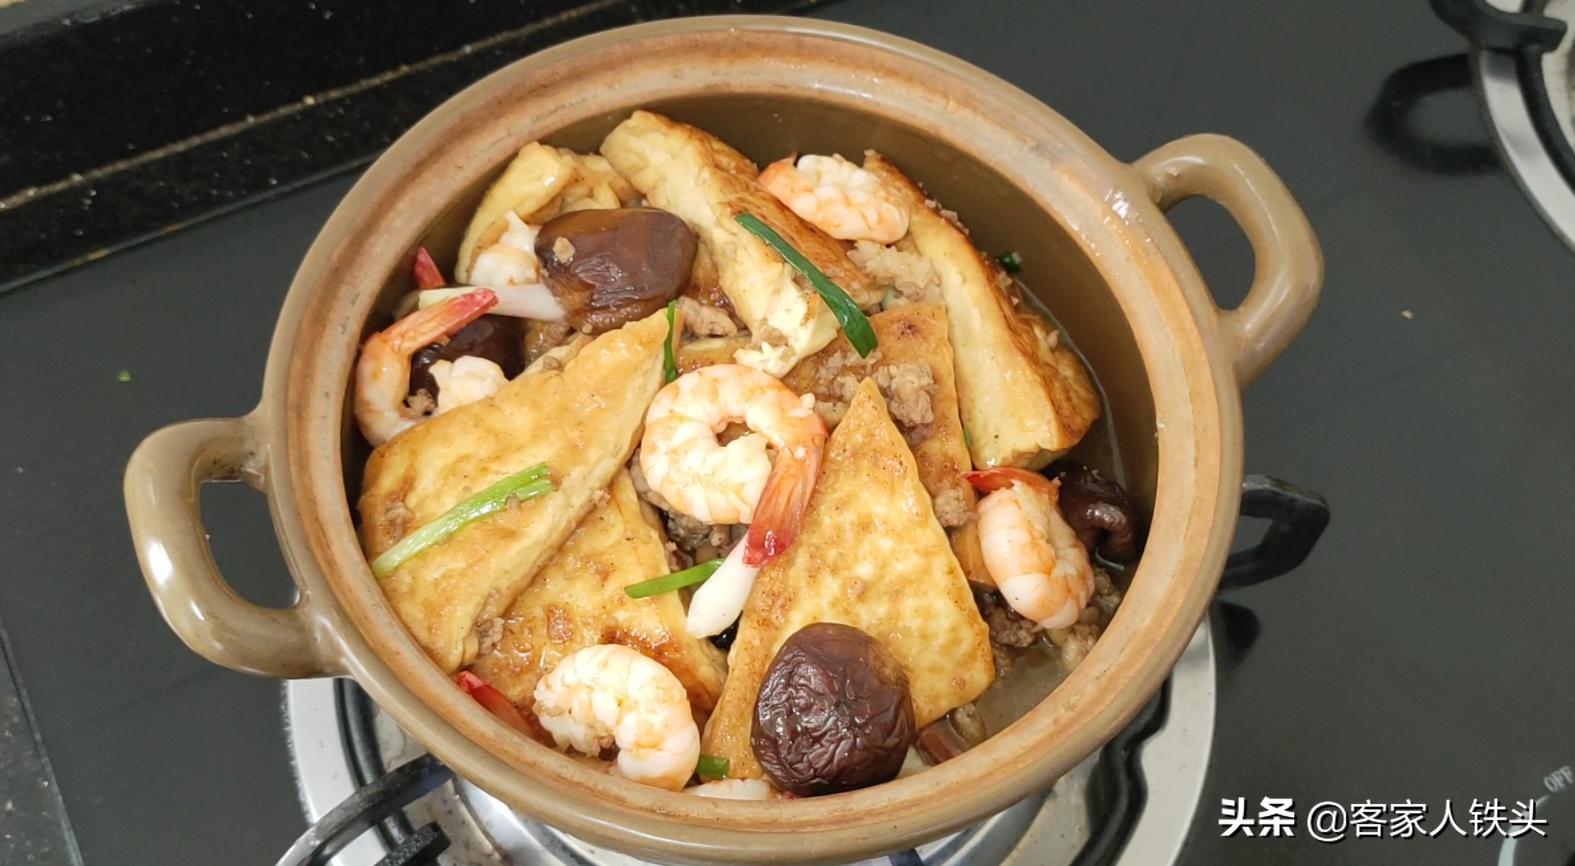 2塊豆腐加9只鮮蝦,天冷了就這樣吃,營養好吃又便宜,越吃越香